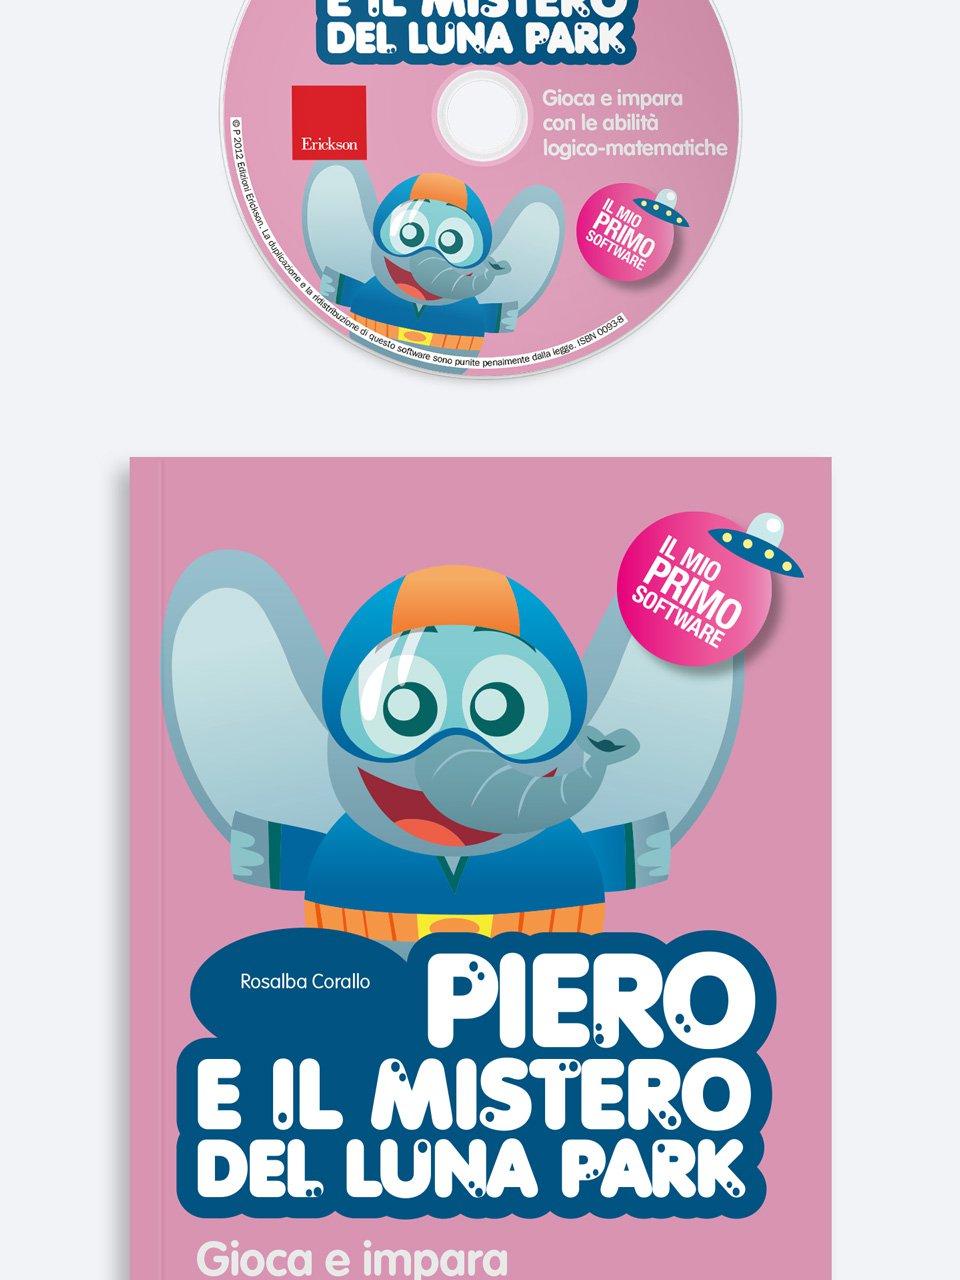 Piero e il mistero del luna park - Rosalba Corallo - Erickson